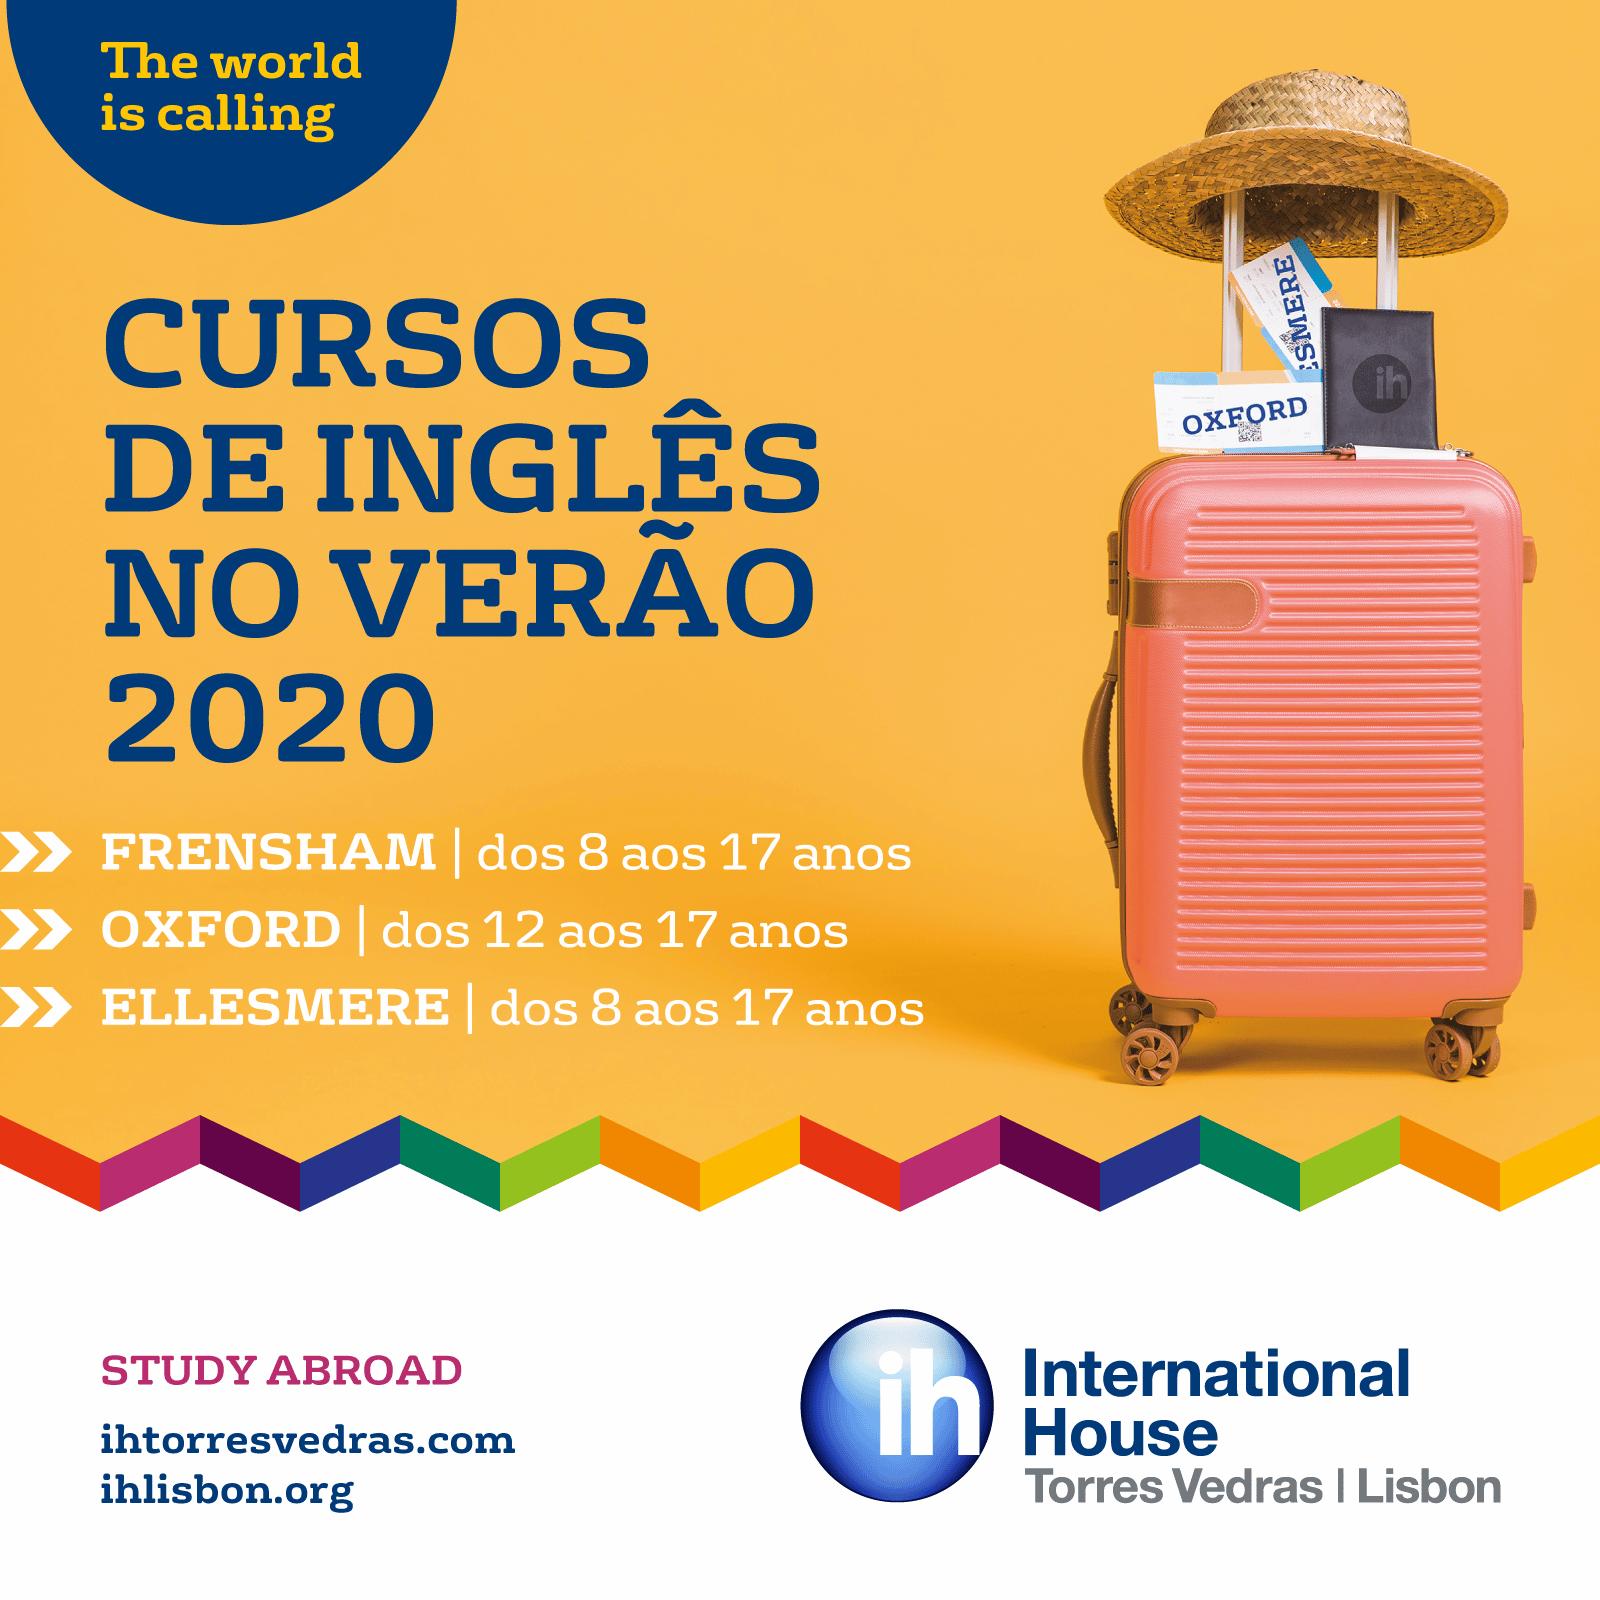 cursos no estrangeiro 2020